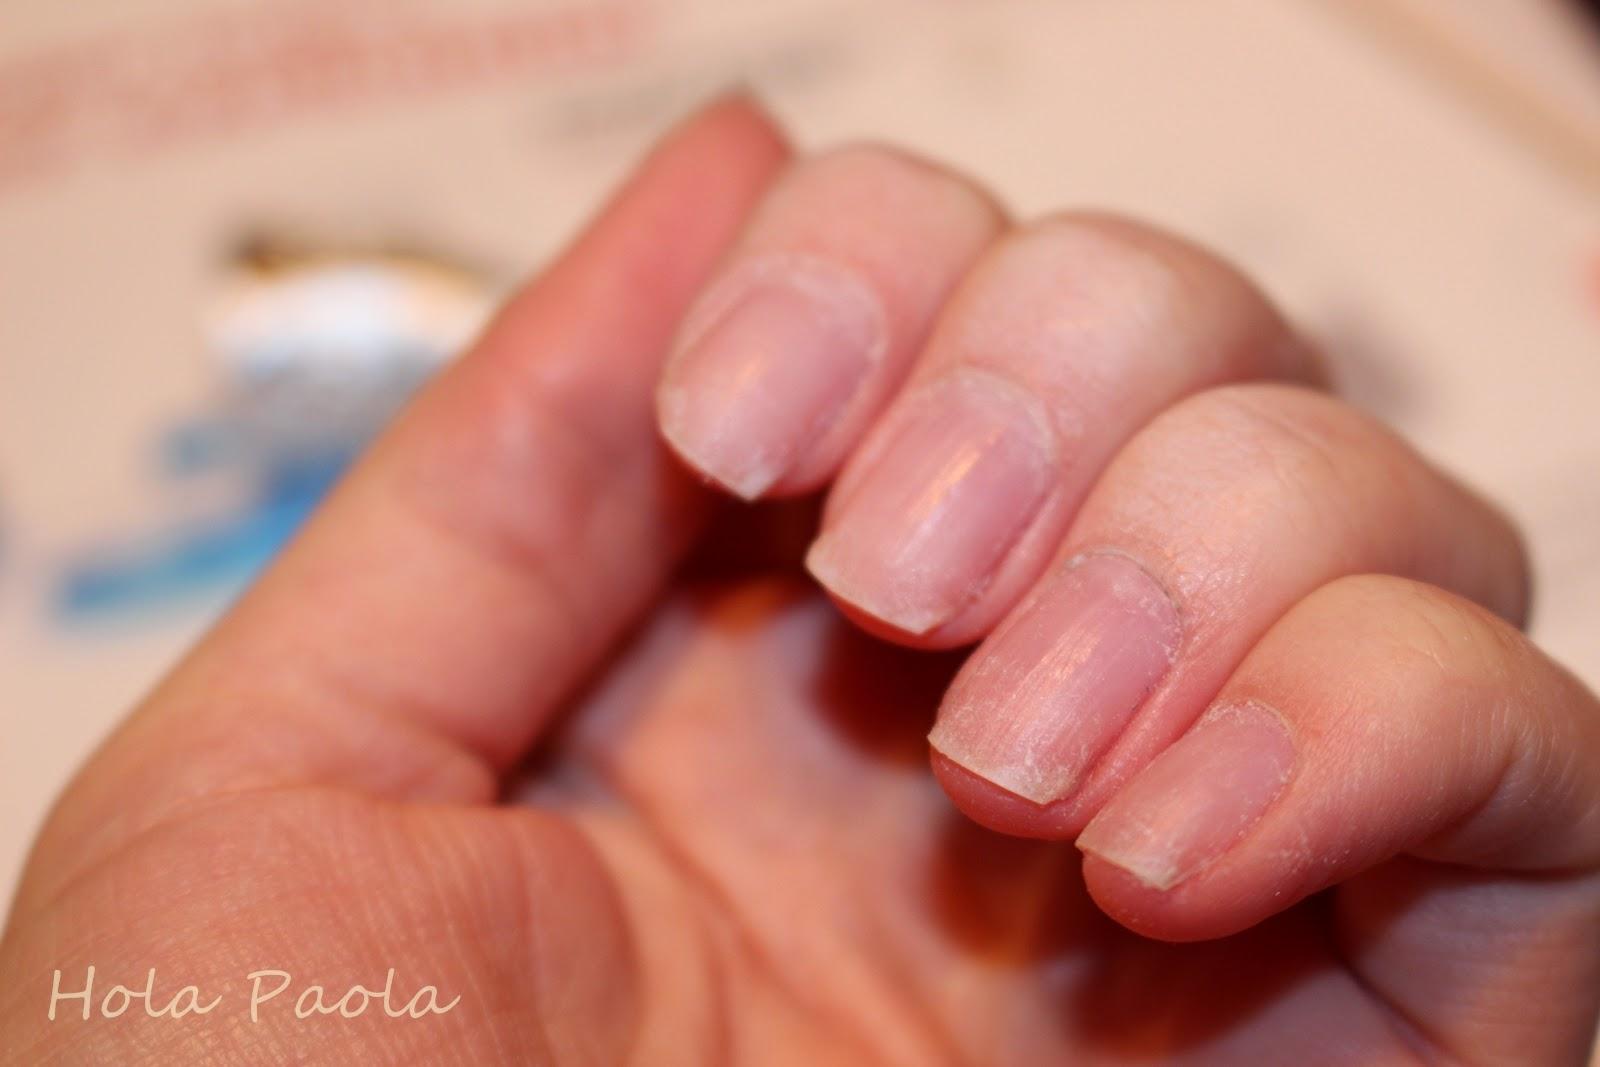 Semilac Hard jak zdjąć harda hybryde paznokcie sztuczne akryl żel gel nails aceton polish jak usunąć hard przedłużanie hybrydą budowa na formie sztuczny paznokieć nude